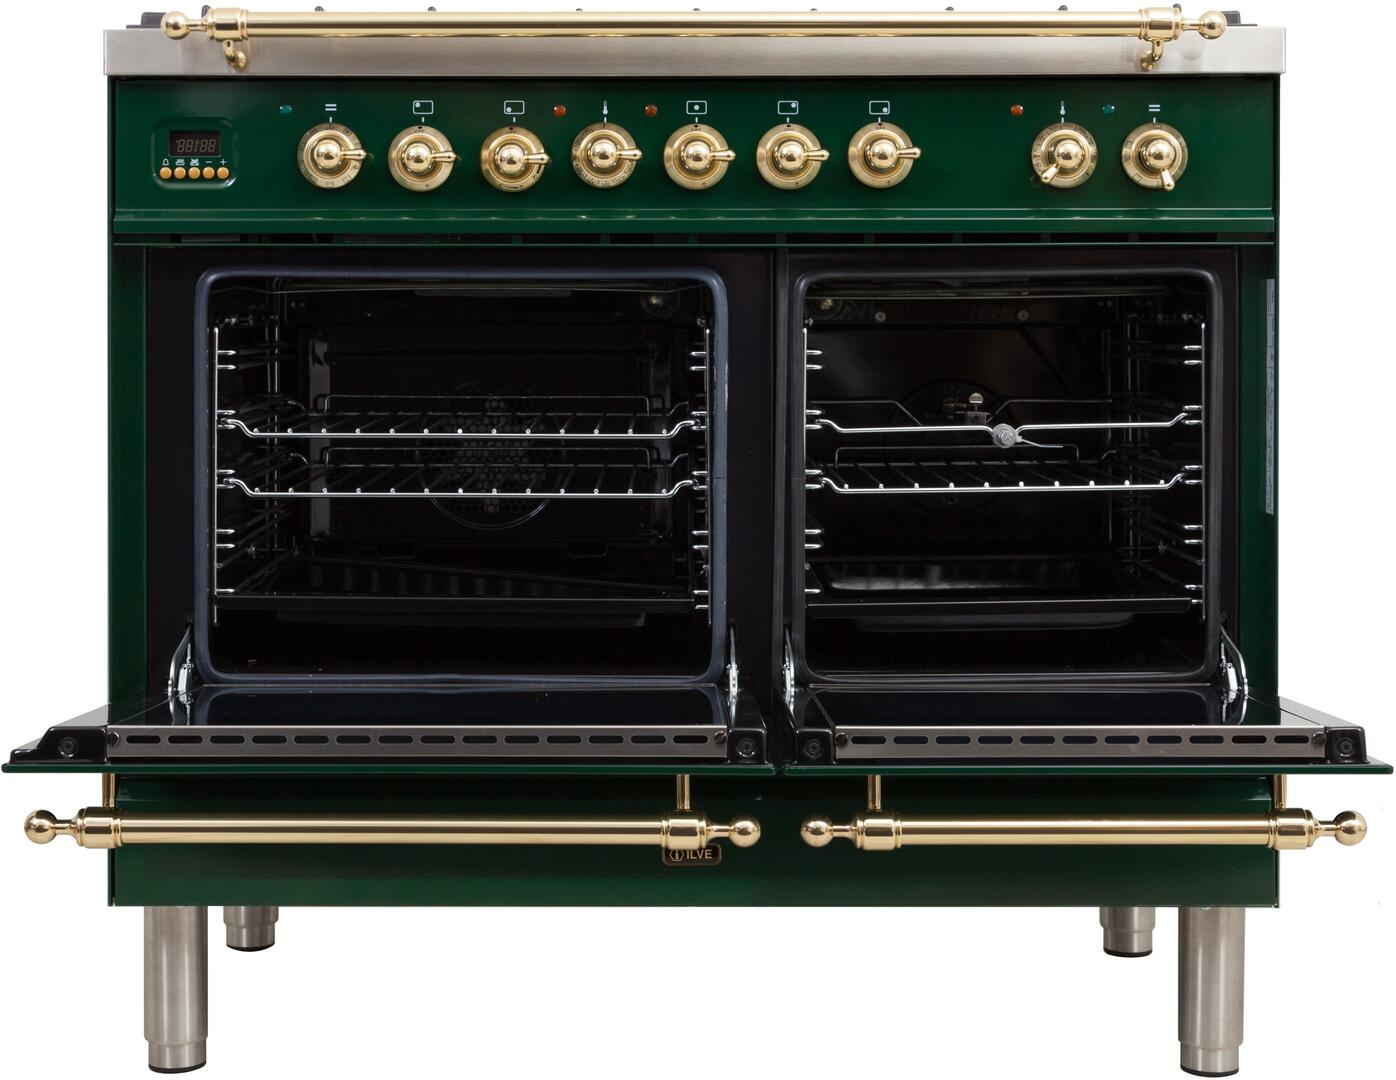 Ilve Nostalgie UPDN100FDMPVSLP Freestanding Dual Fuel Range Green, UPDN100FDMPVSLP Oven Doors Opened